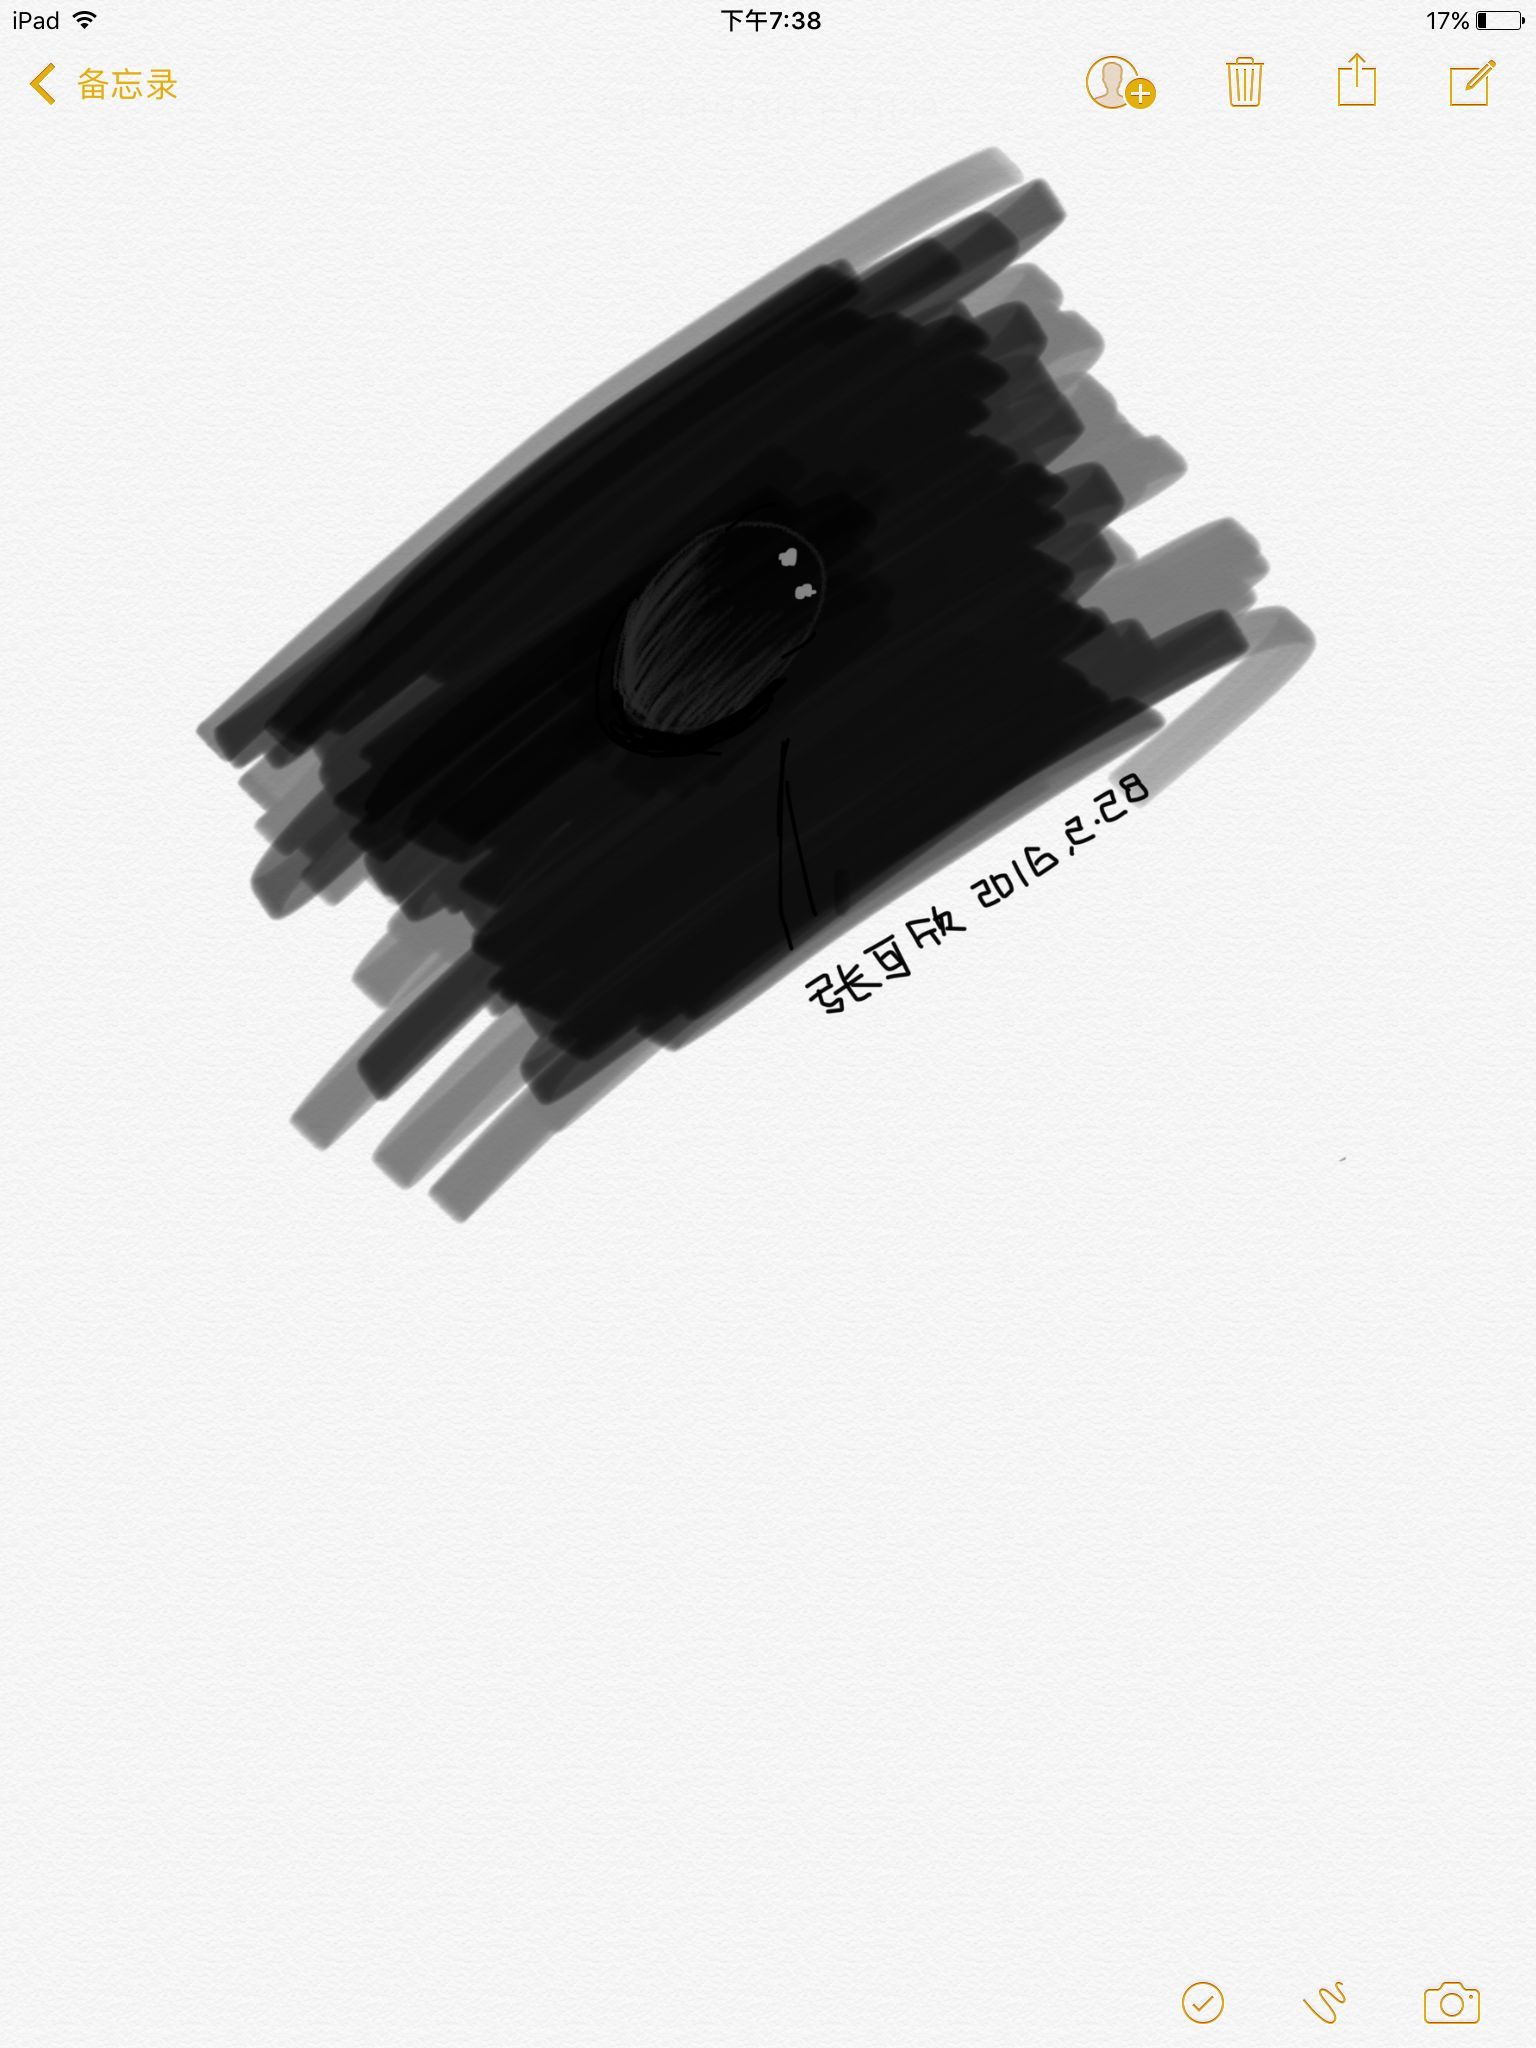 杨树林口红_怎样利用 iOS 的「备忘录」进行绘画创作? - 知乎